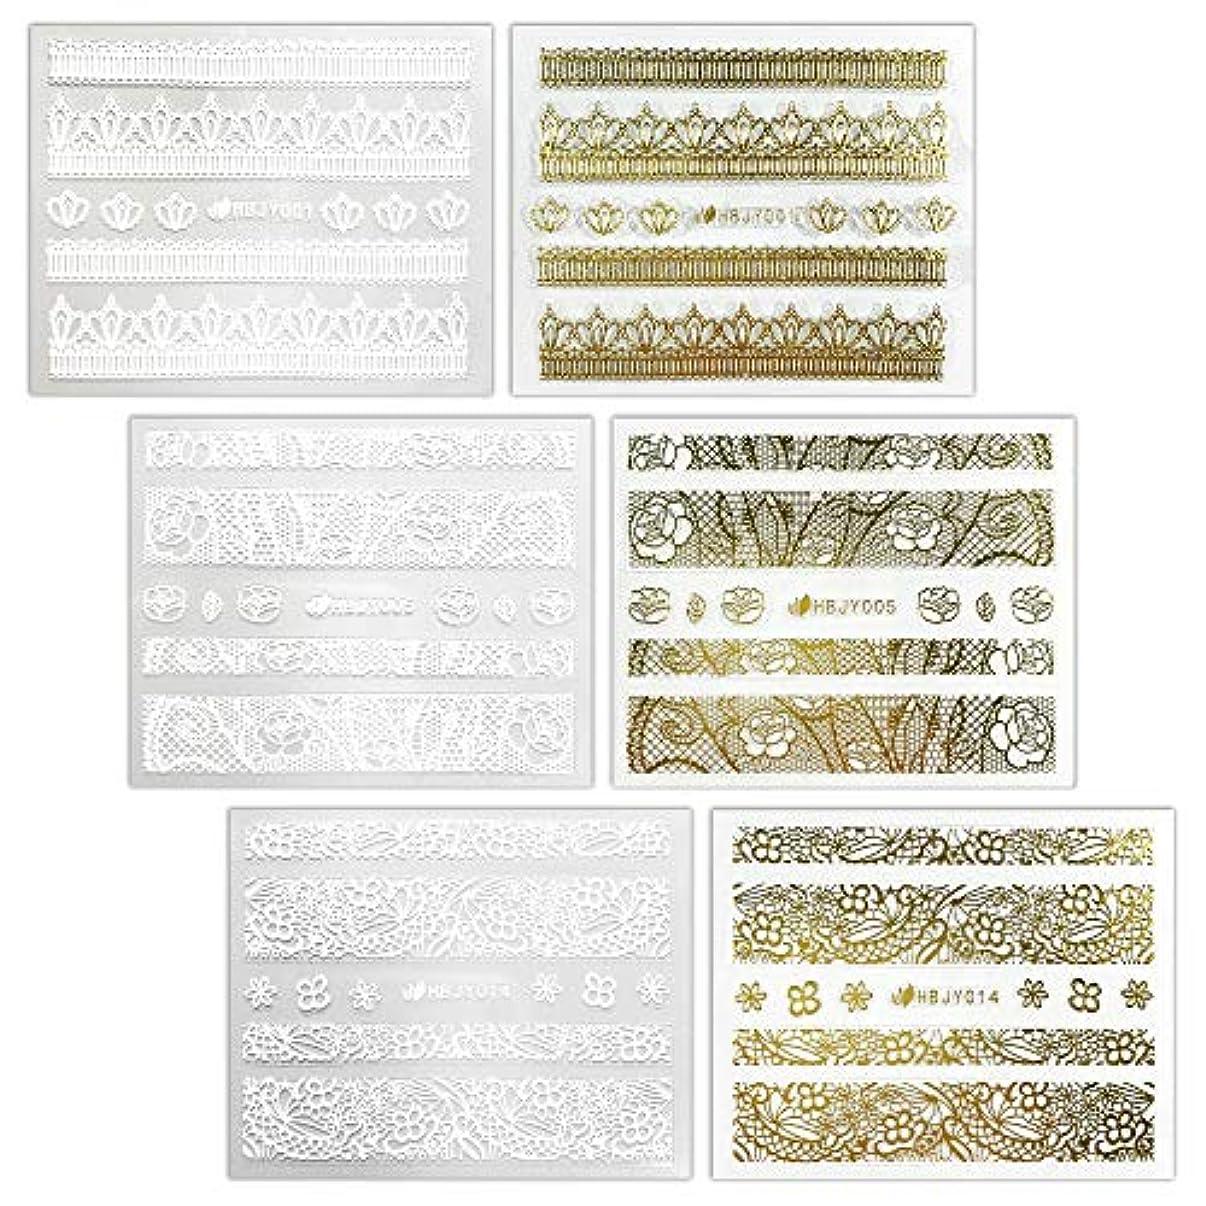 ナインへ有効化流【リュミエラ】6枚セット レジン ネイル シールH【3種類×2色各1枚】ゴールド シルバー レース模様 ネイルにも!